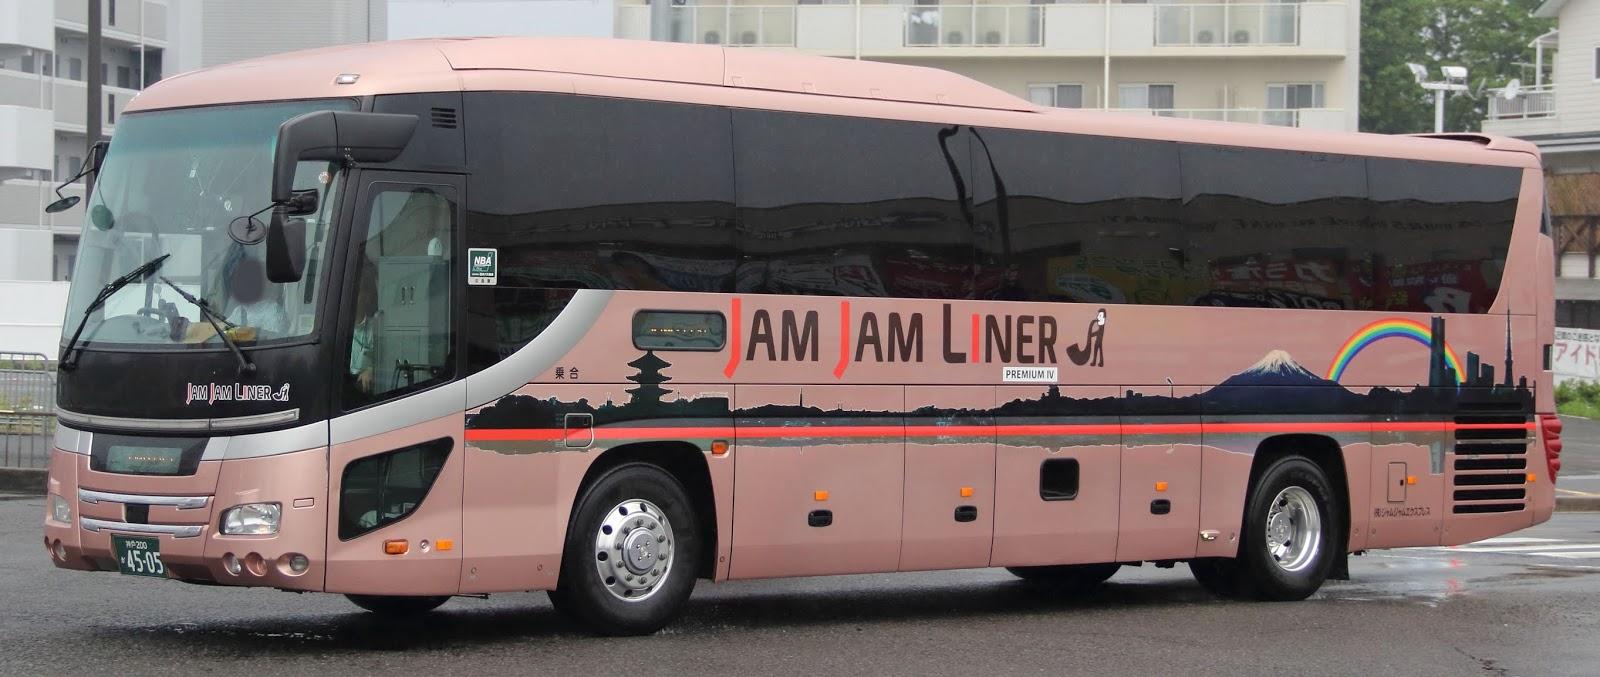 広島のバス: ジャムジャムエクスプレス 神戸200か4505